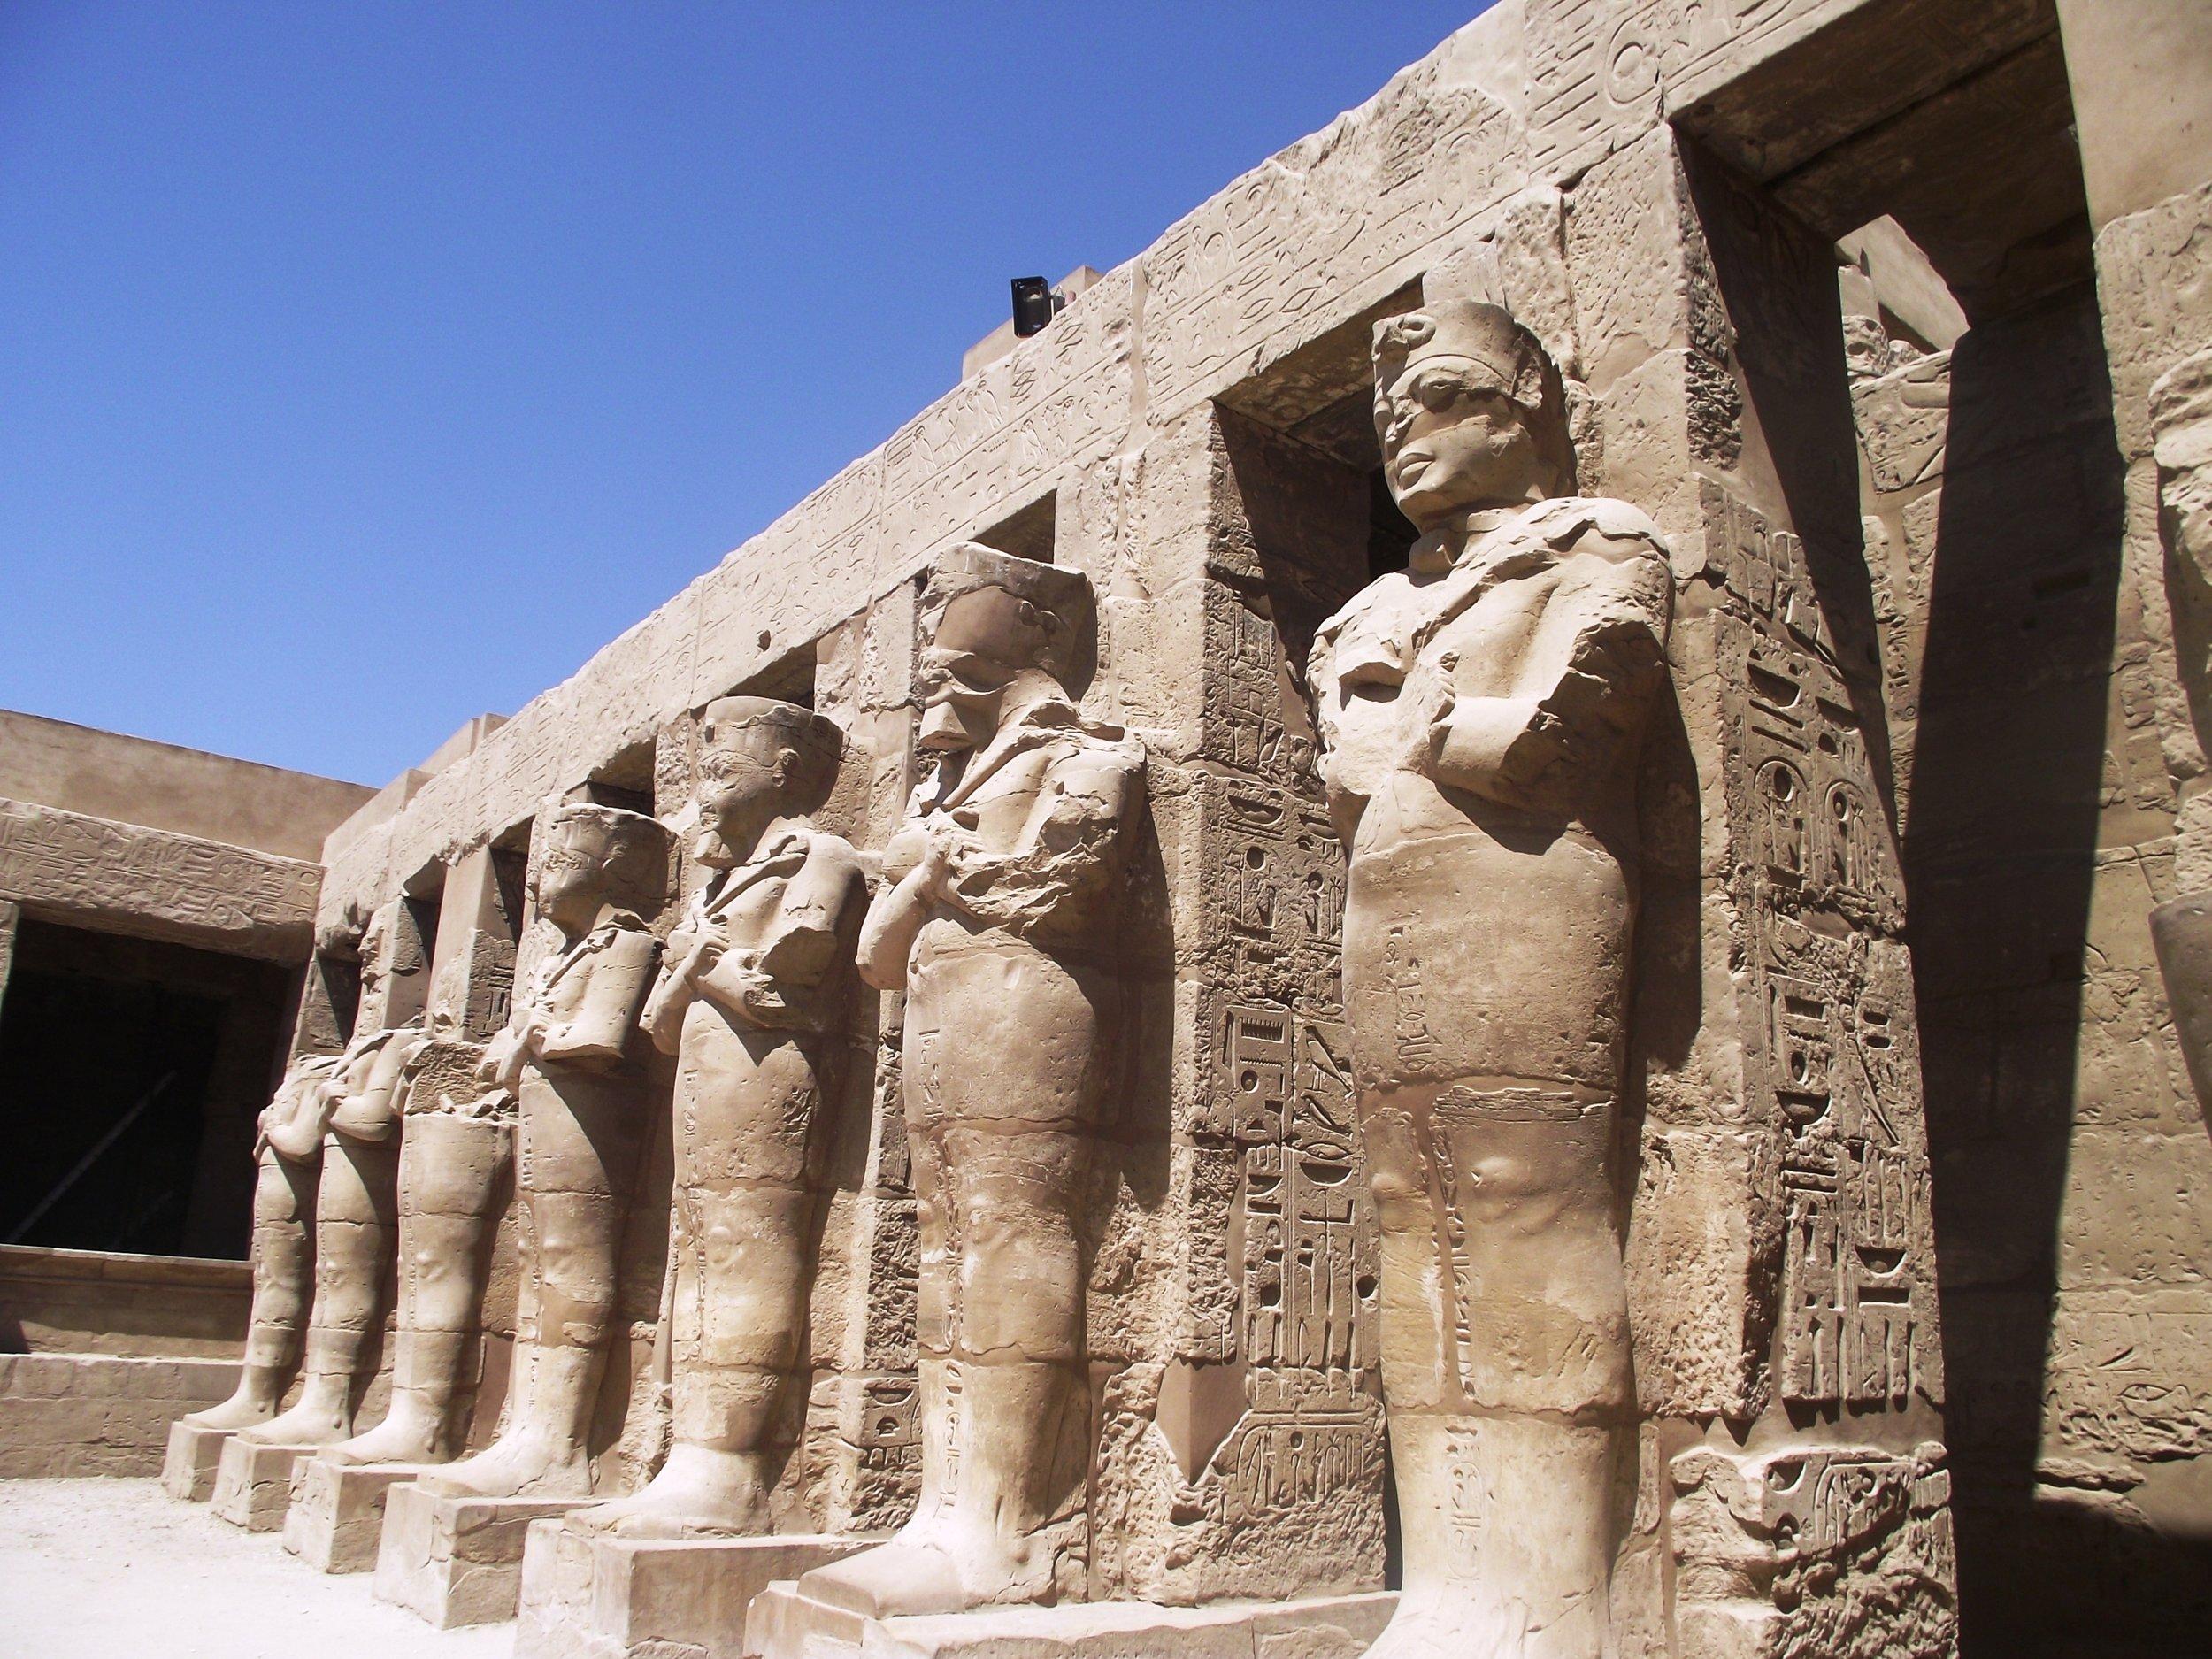 Egypt-Luxor-Temple-of-Karnak.jpg